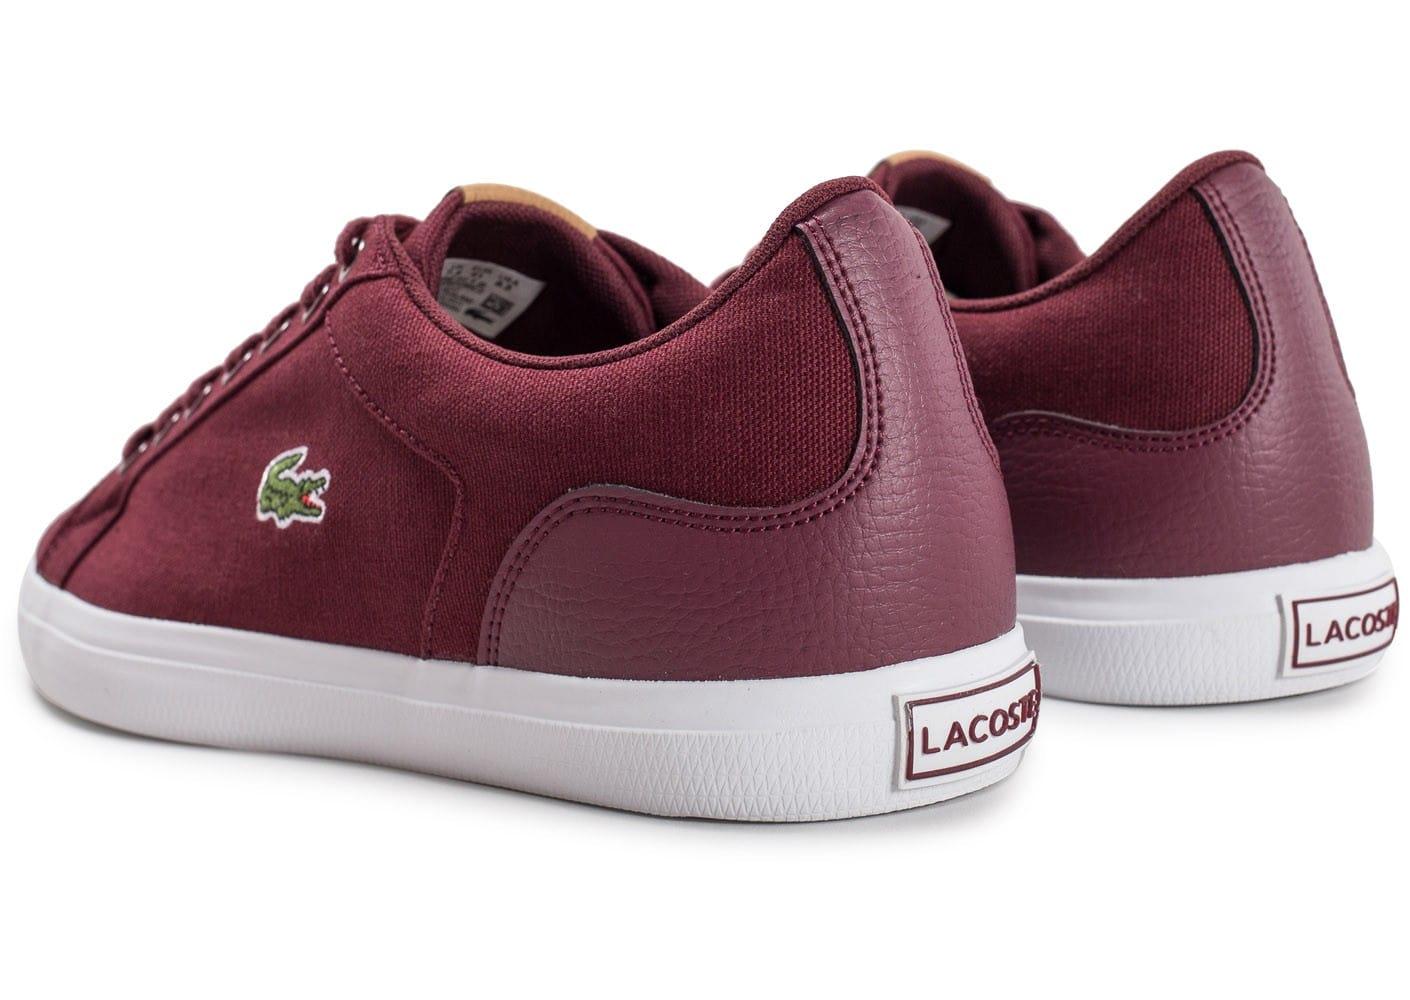 4a05a42398 lacoste bordeaux lacoste bordeaux bordeaux lacoste chaussure bordeaux  chaussure chaussure chaussure lacoste 4gqdw4